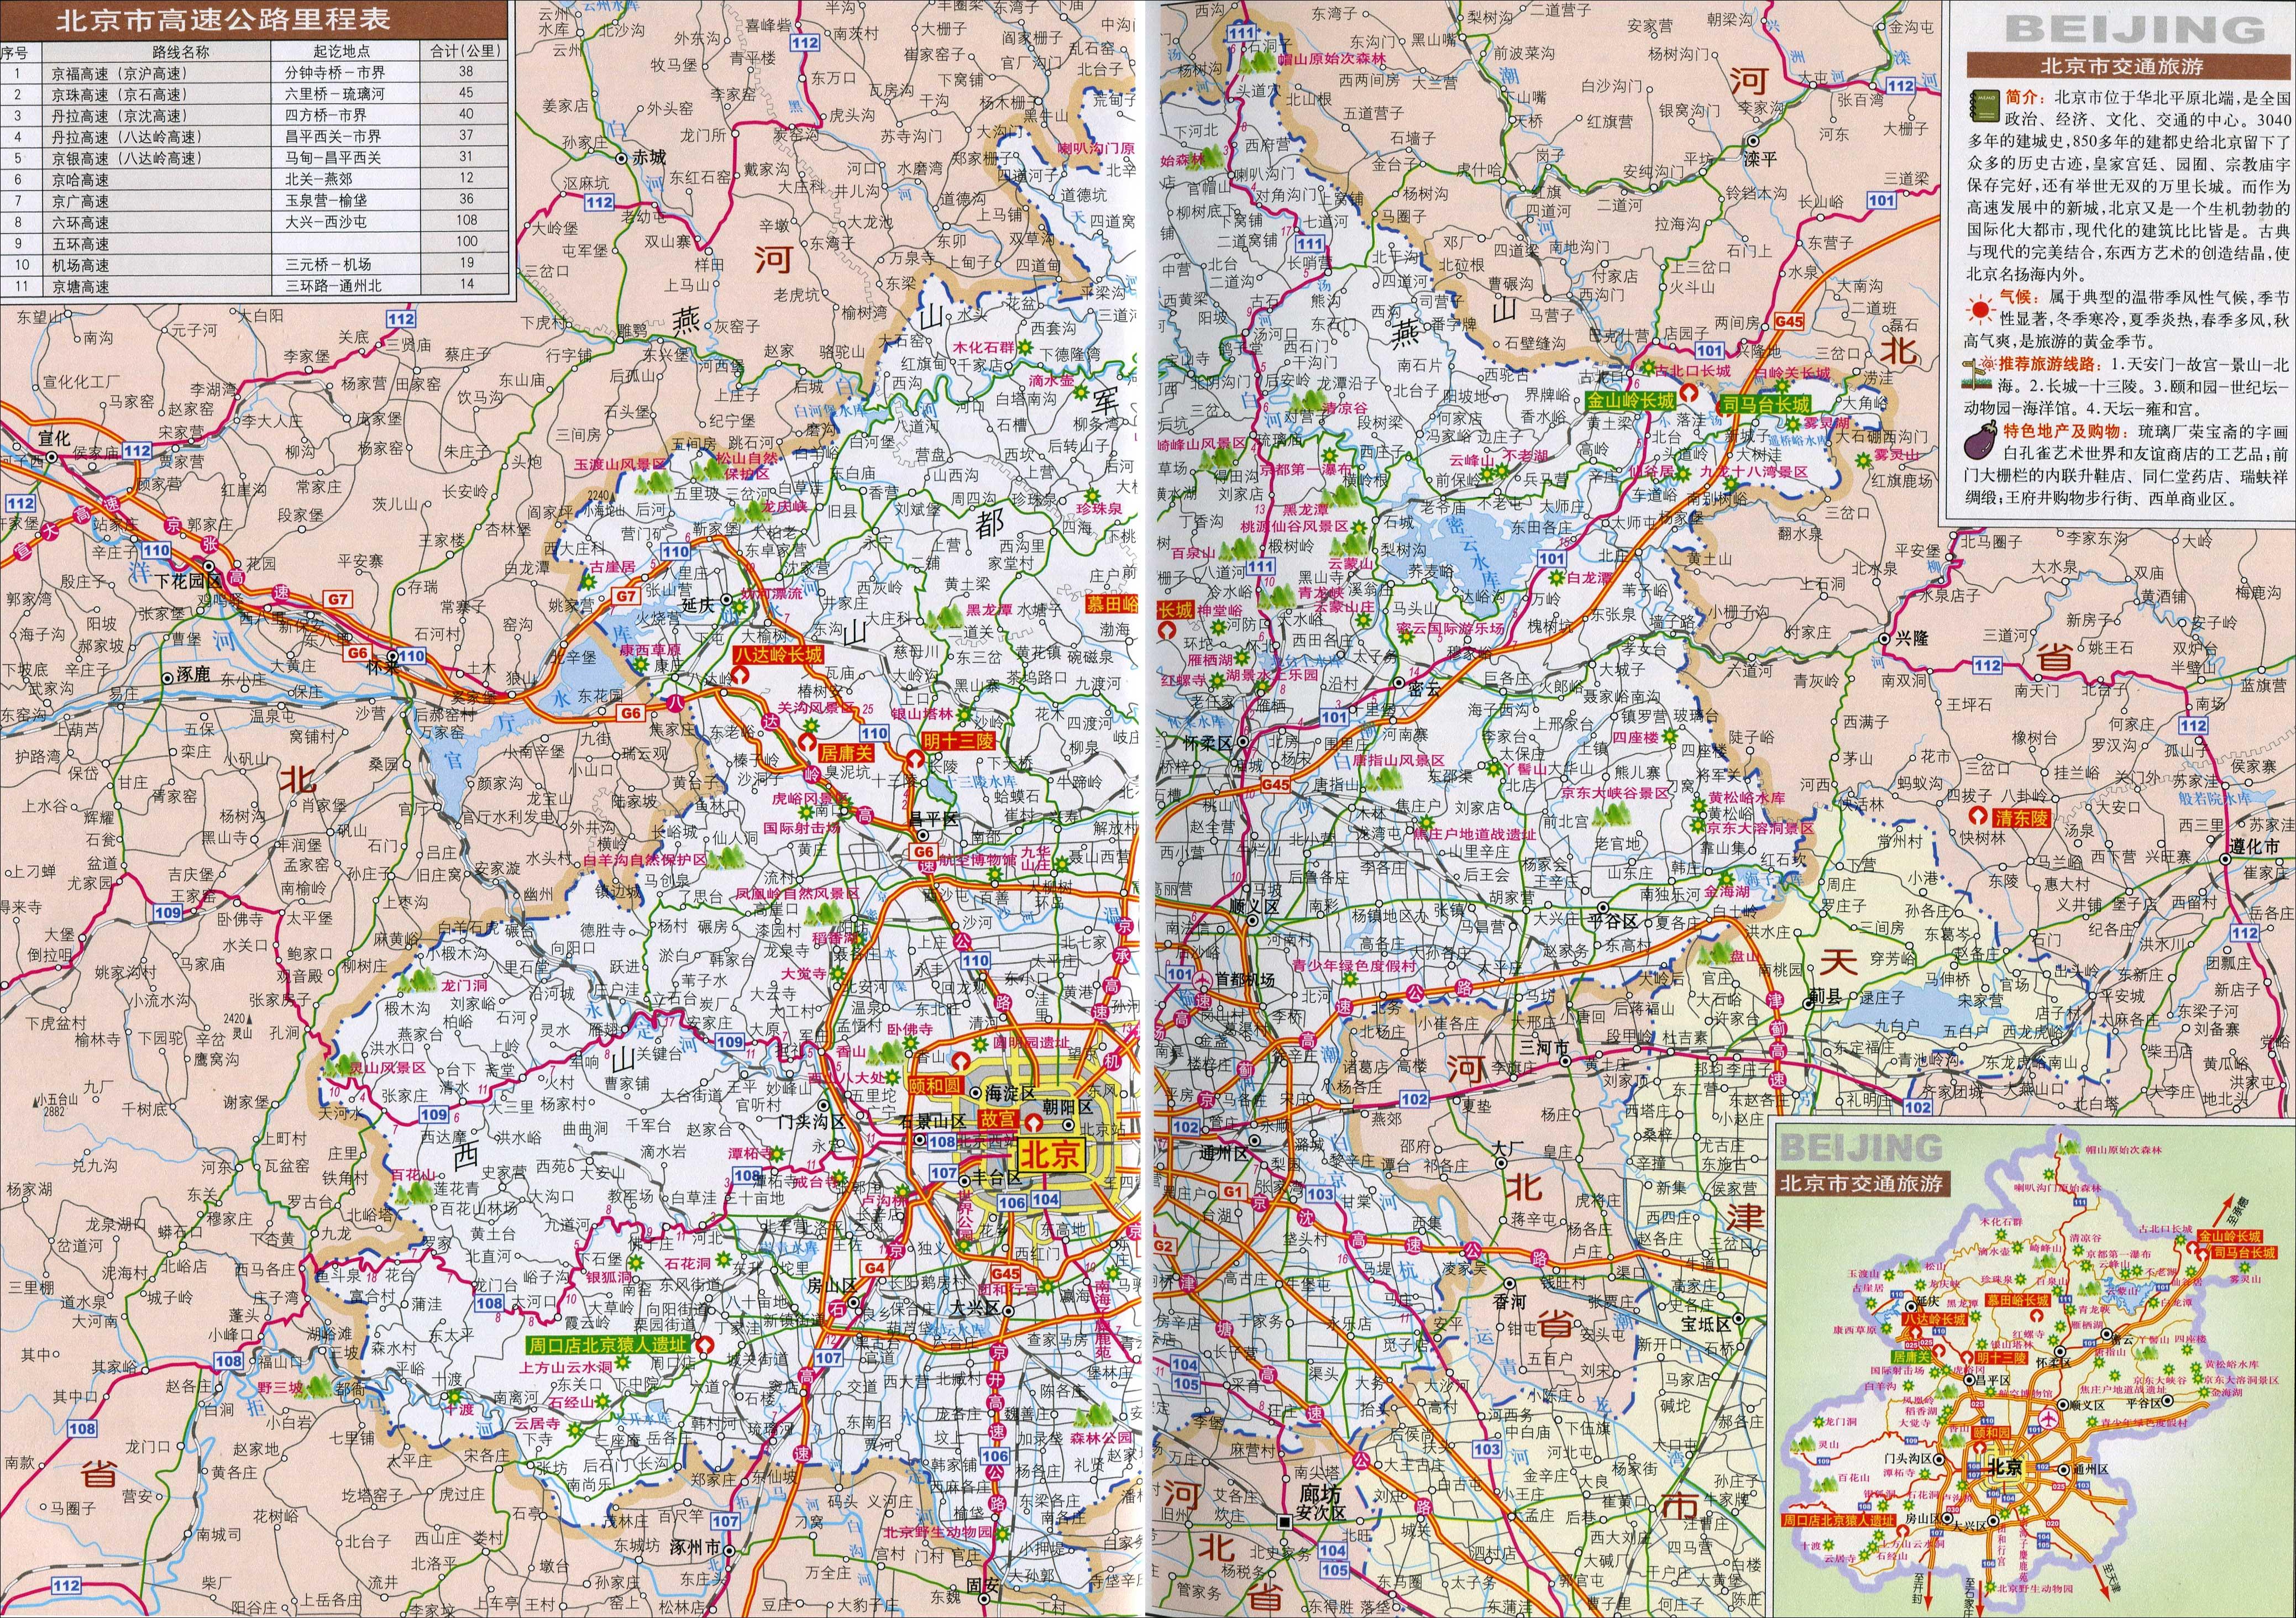 北京旅游交通地图